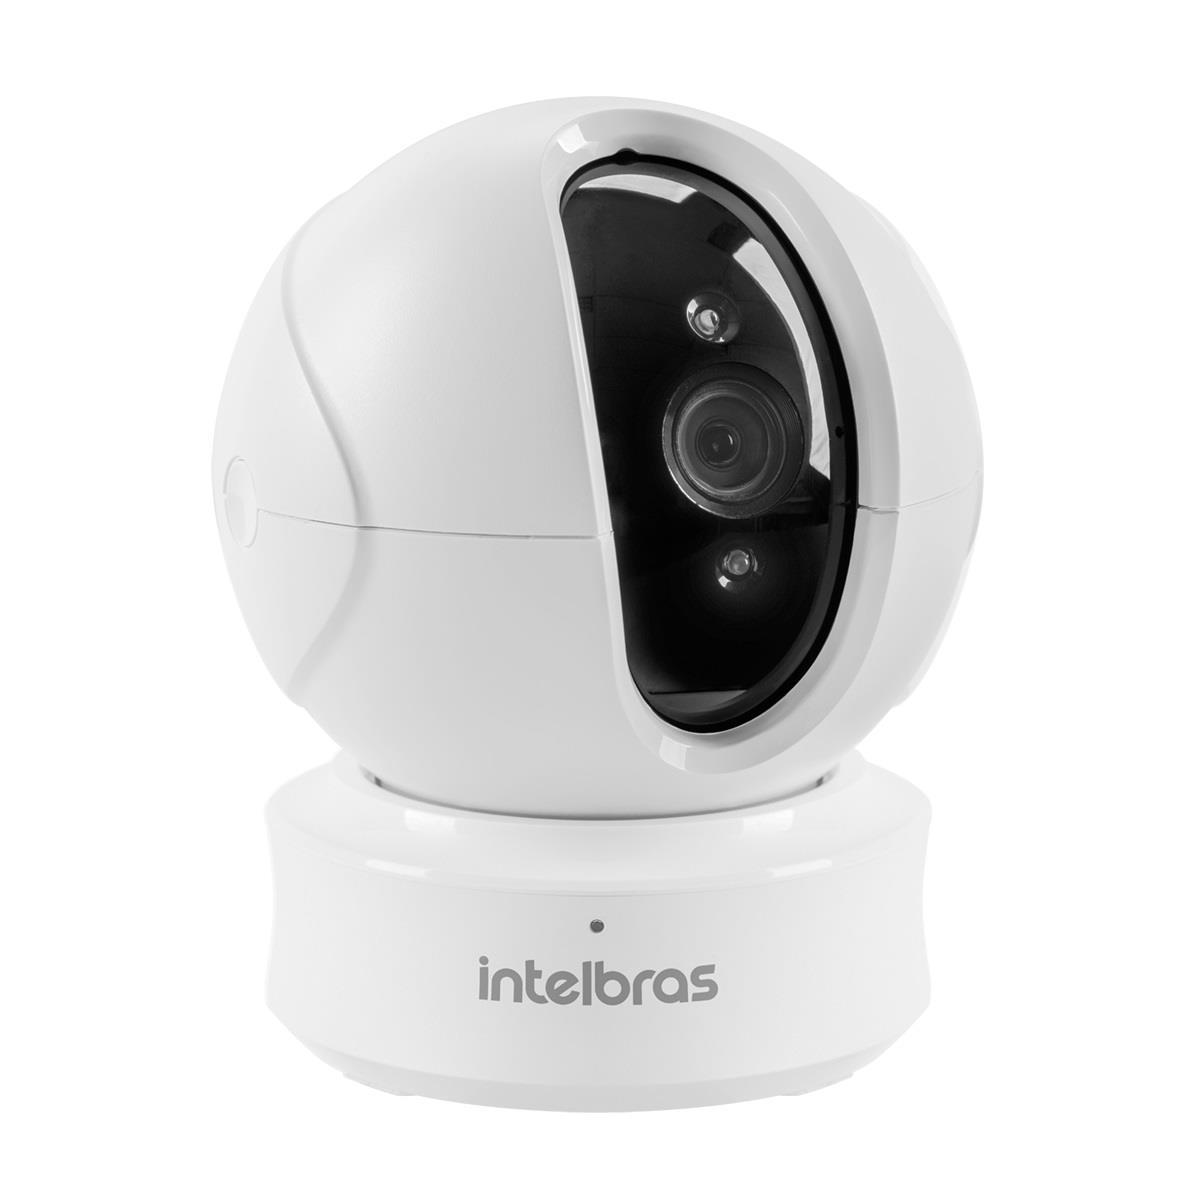 Câmera Mibo IC4  HD 10m IR Lente 4mm Wi-Fi - Intelbras